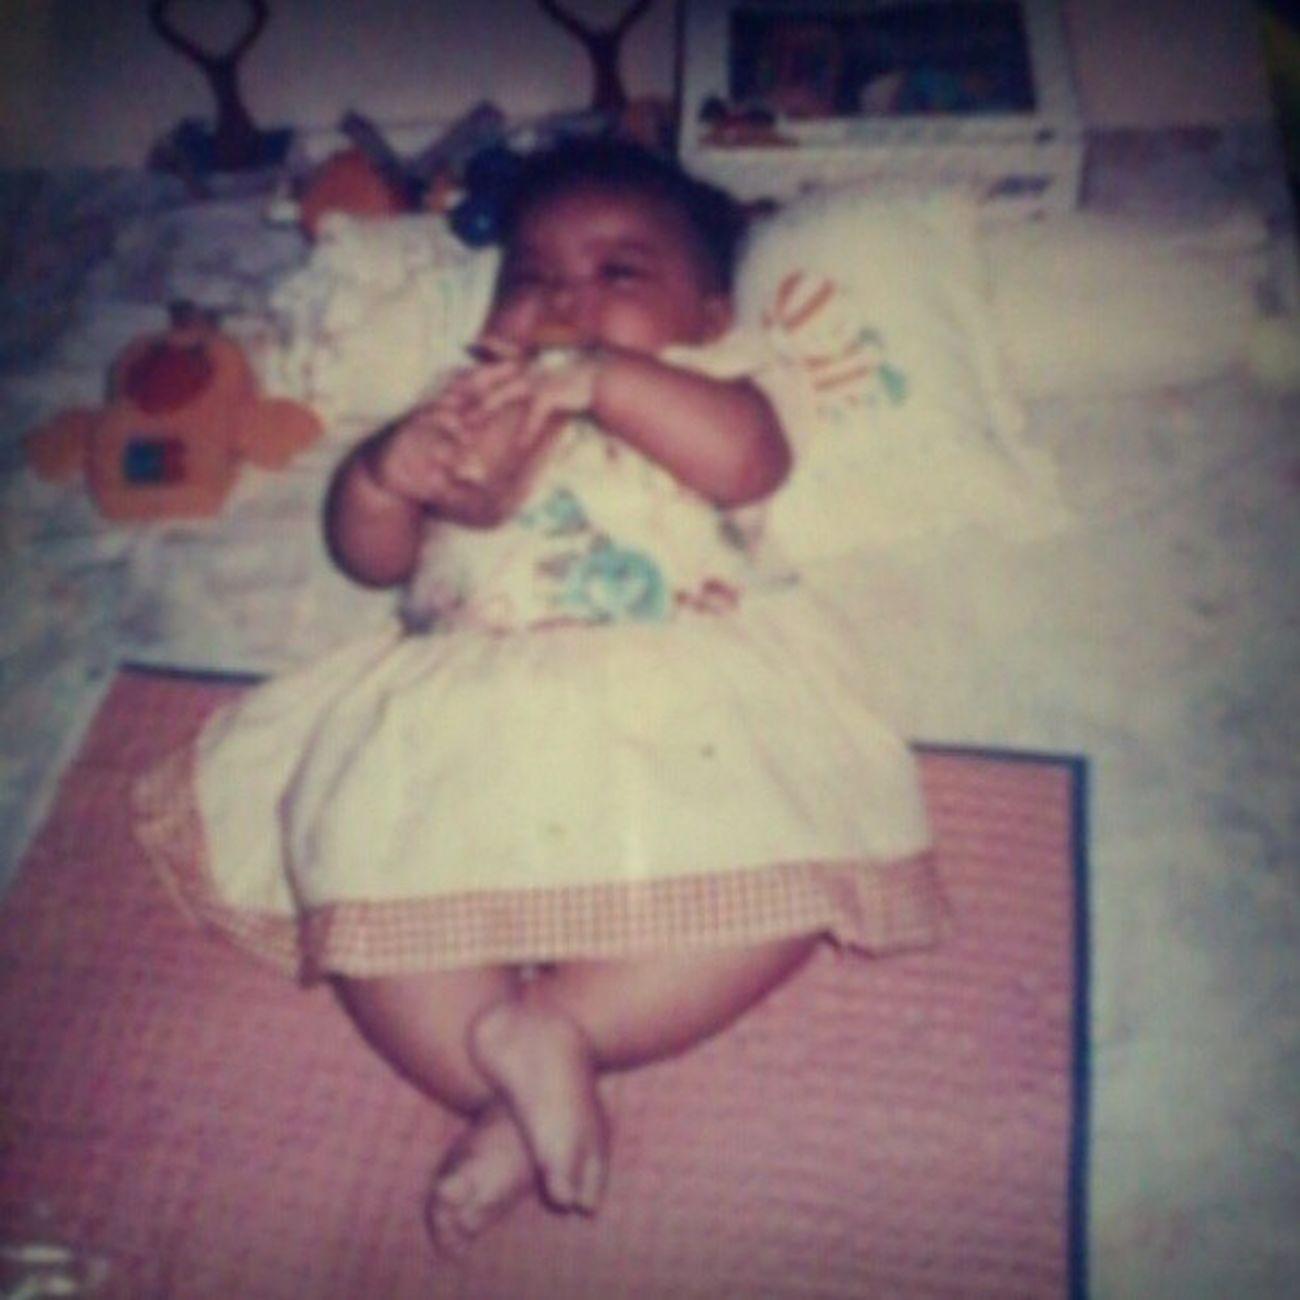 may pag-asa pa akong tumaba! tiwala lang. HAHA. good morning :) Fatbaby TBT